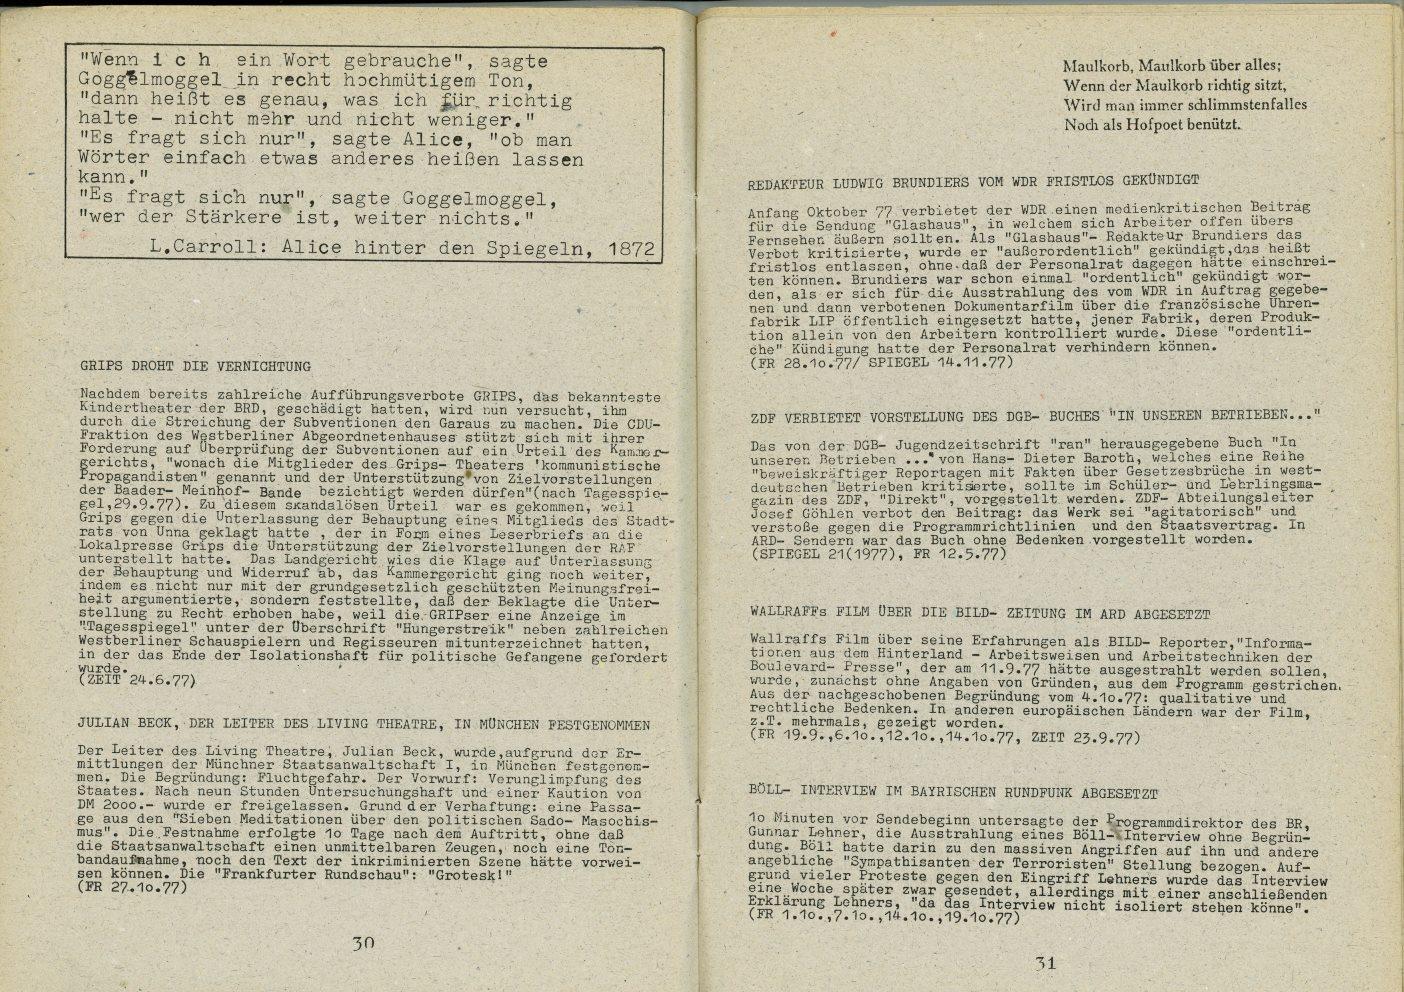 Stuttgart_AGRT_Menschenrechtsverletzungen_Leseheft_1978_17